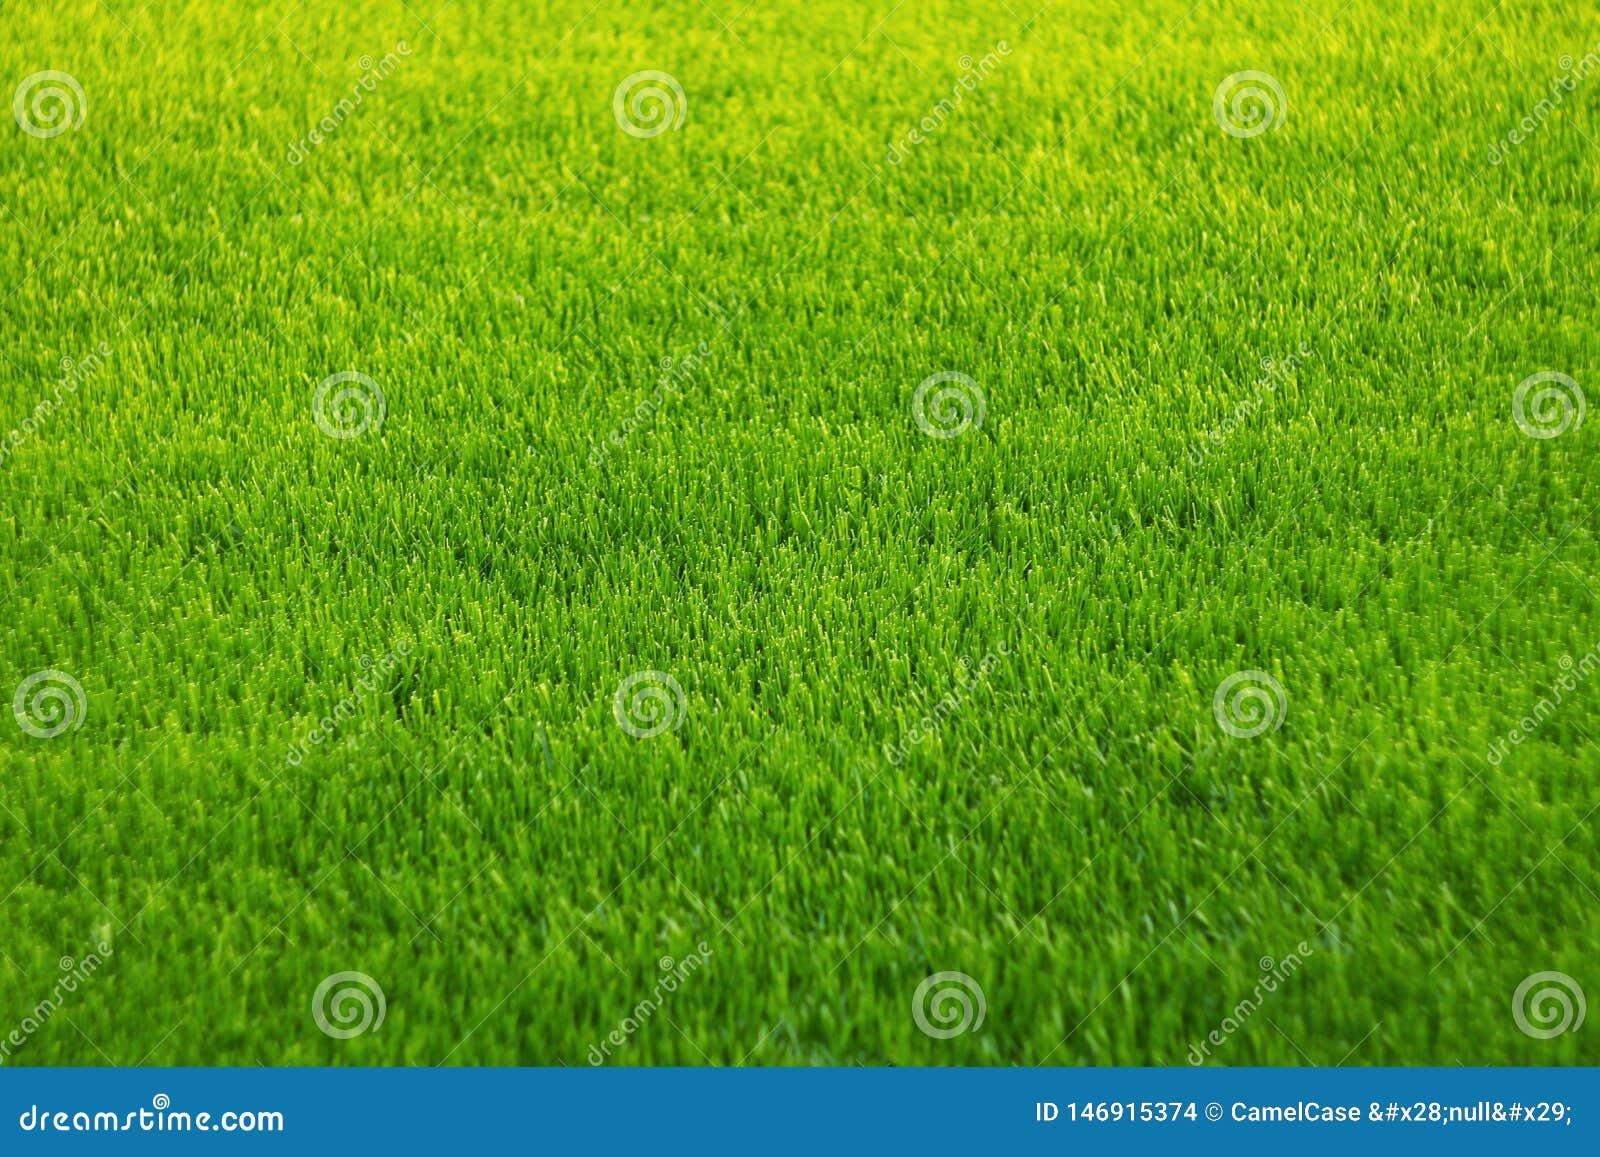 Hintergrund des gr?nen Grases Überraschende Grasbeschaffenheit Gr?ner Hintergrund Parkrasenbeschaffenheit